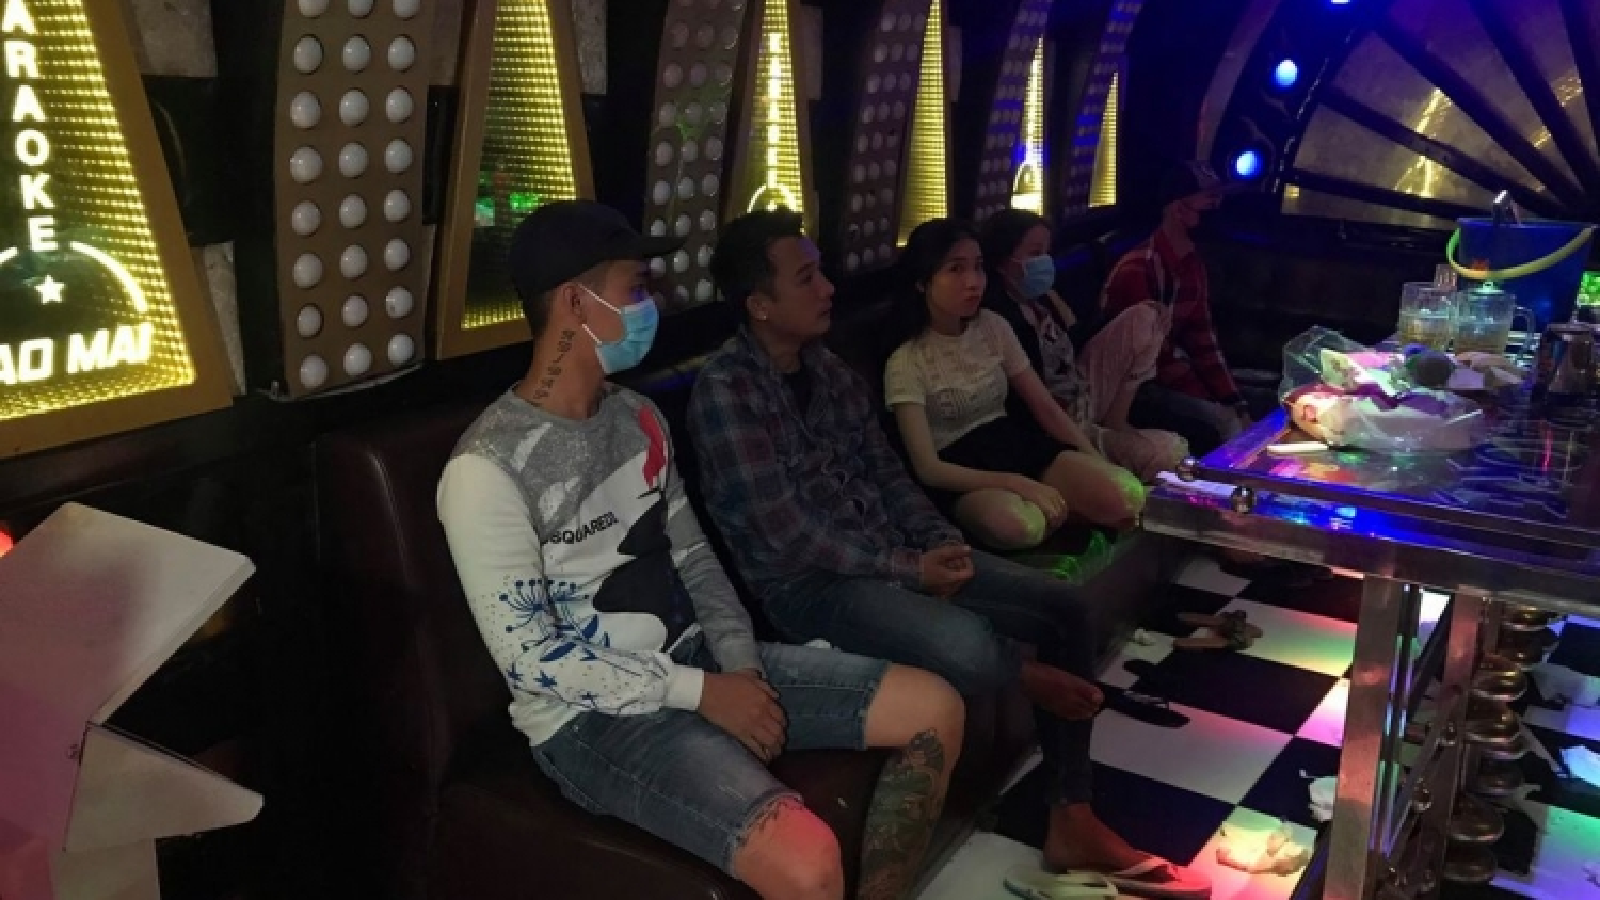 Tiền Giang lại phát hiện khách hát sử dụng ma túytrong quánkaraoke